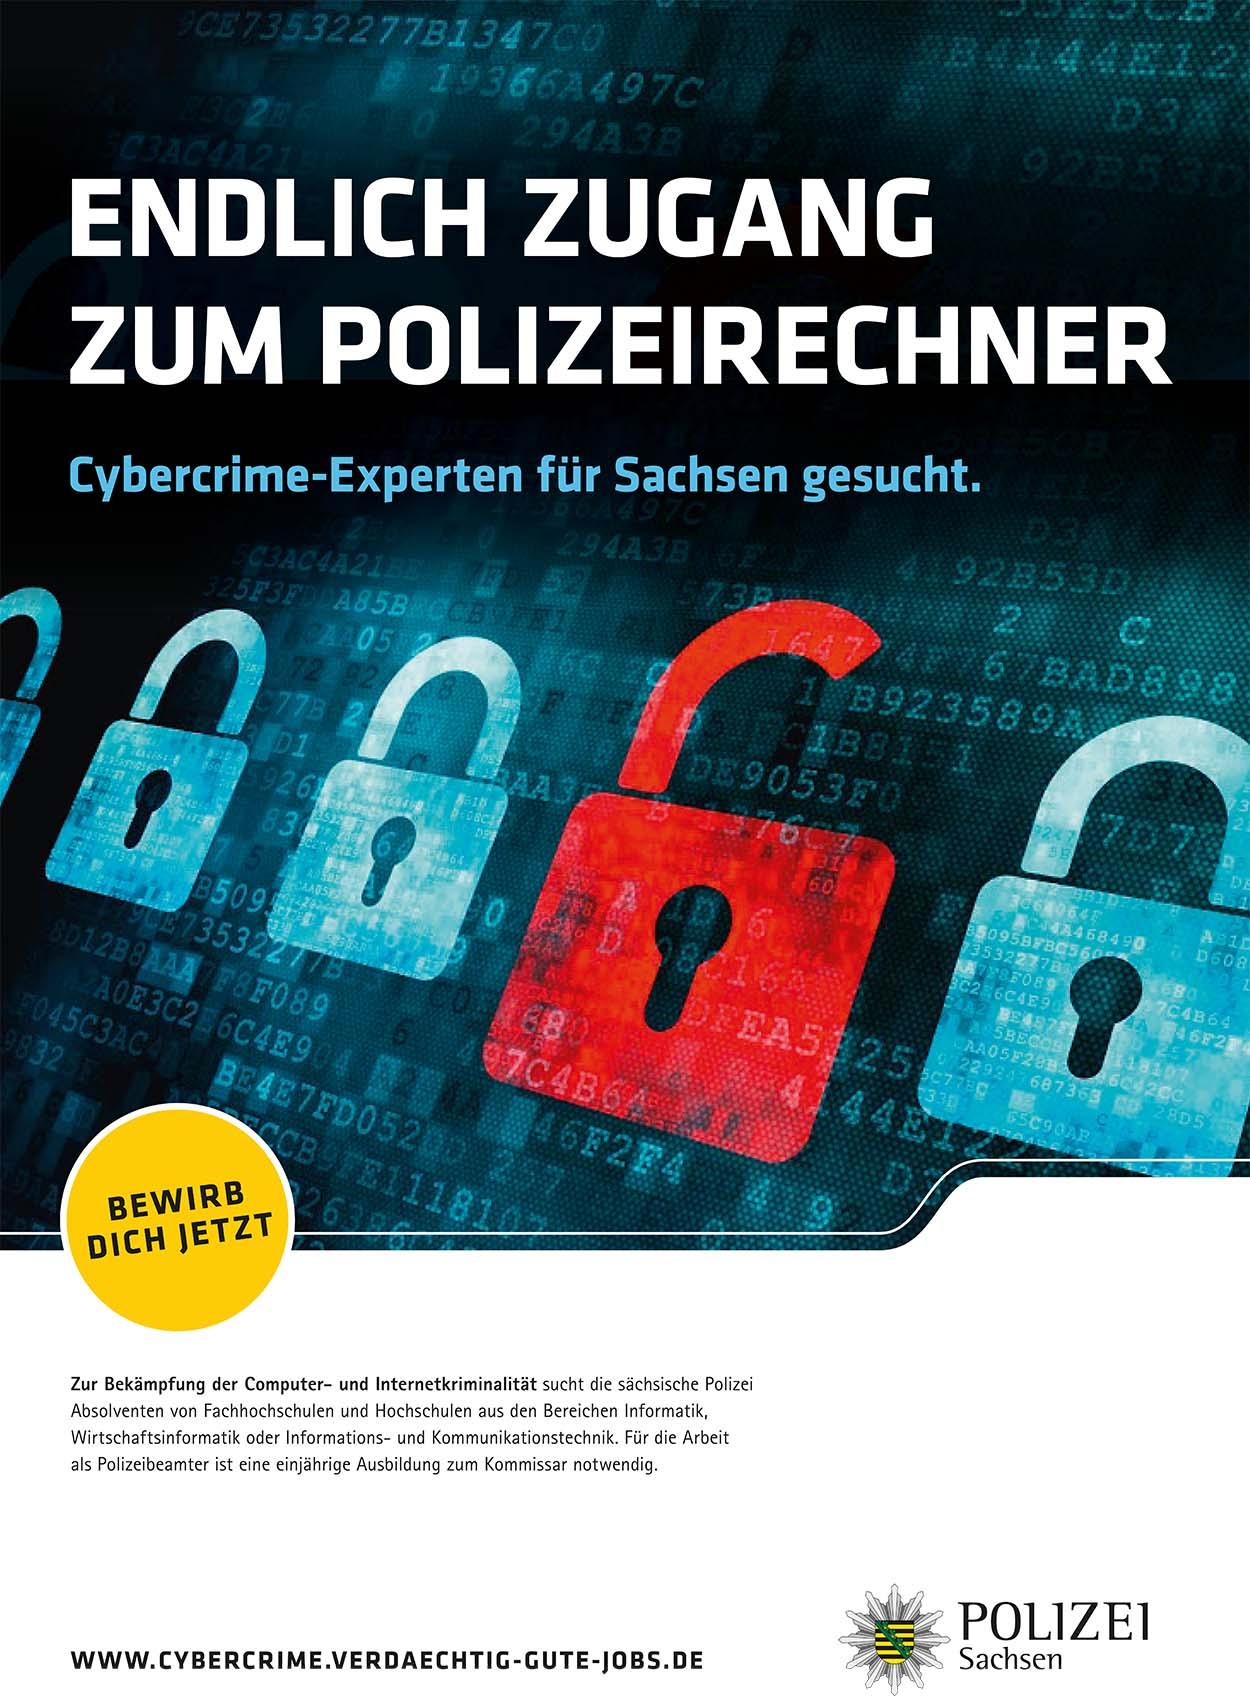 Cybercrime Experten gesucht | Grafik anklicken für mehr Informationen